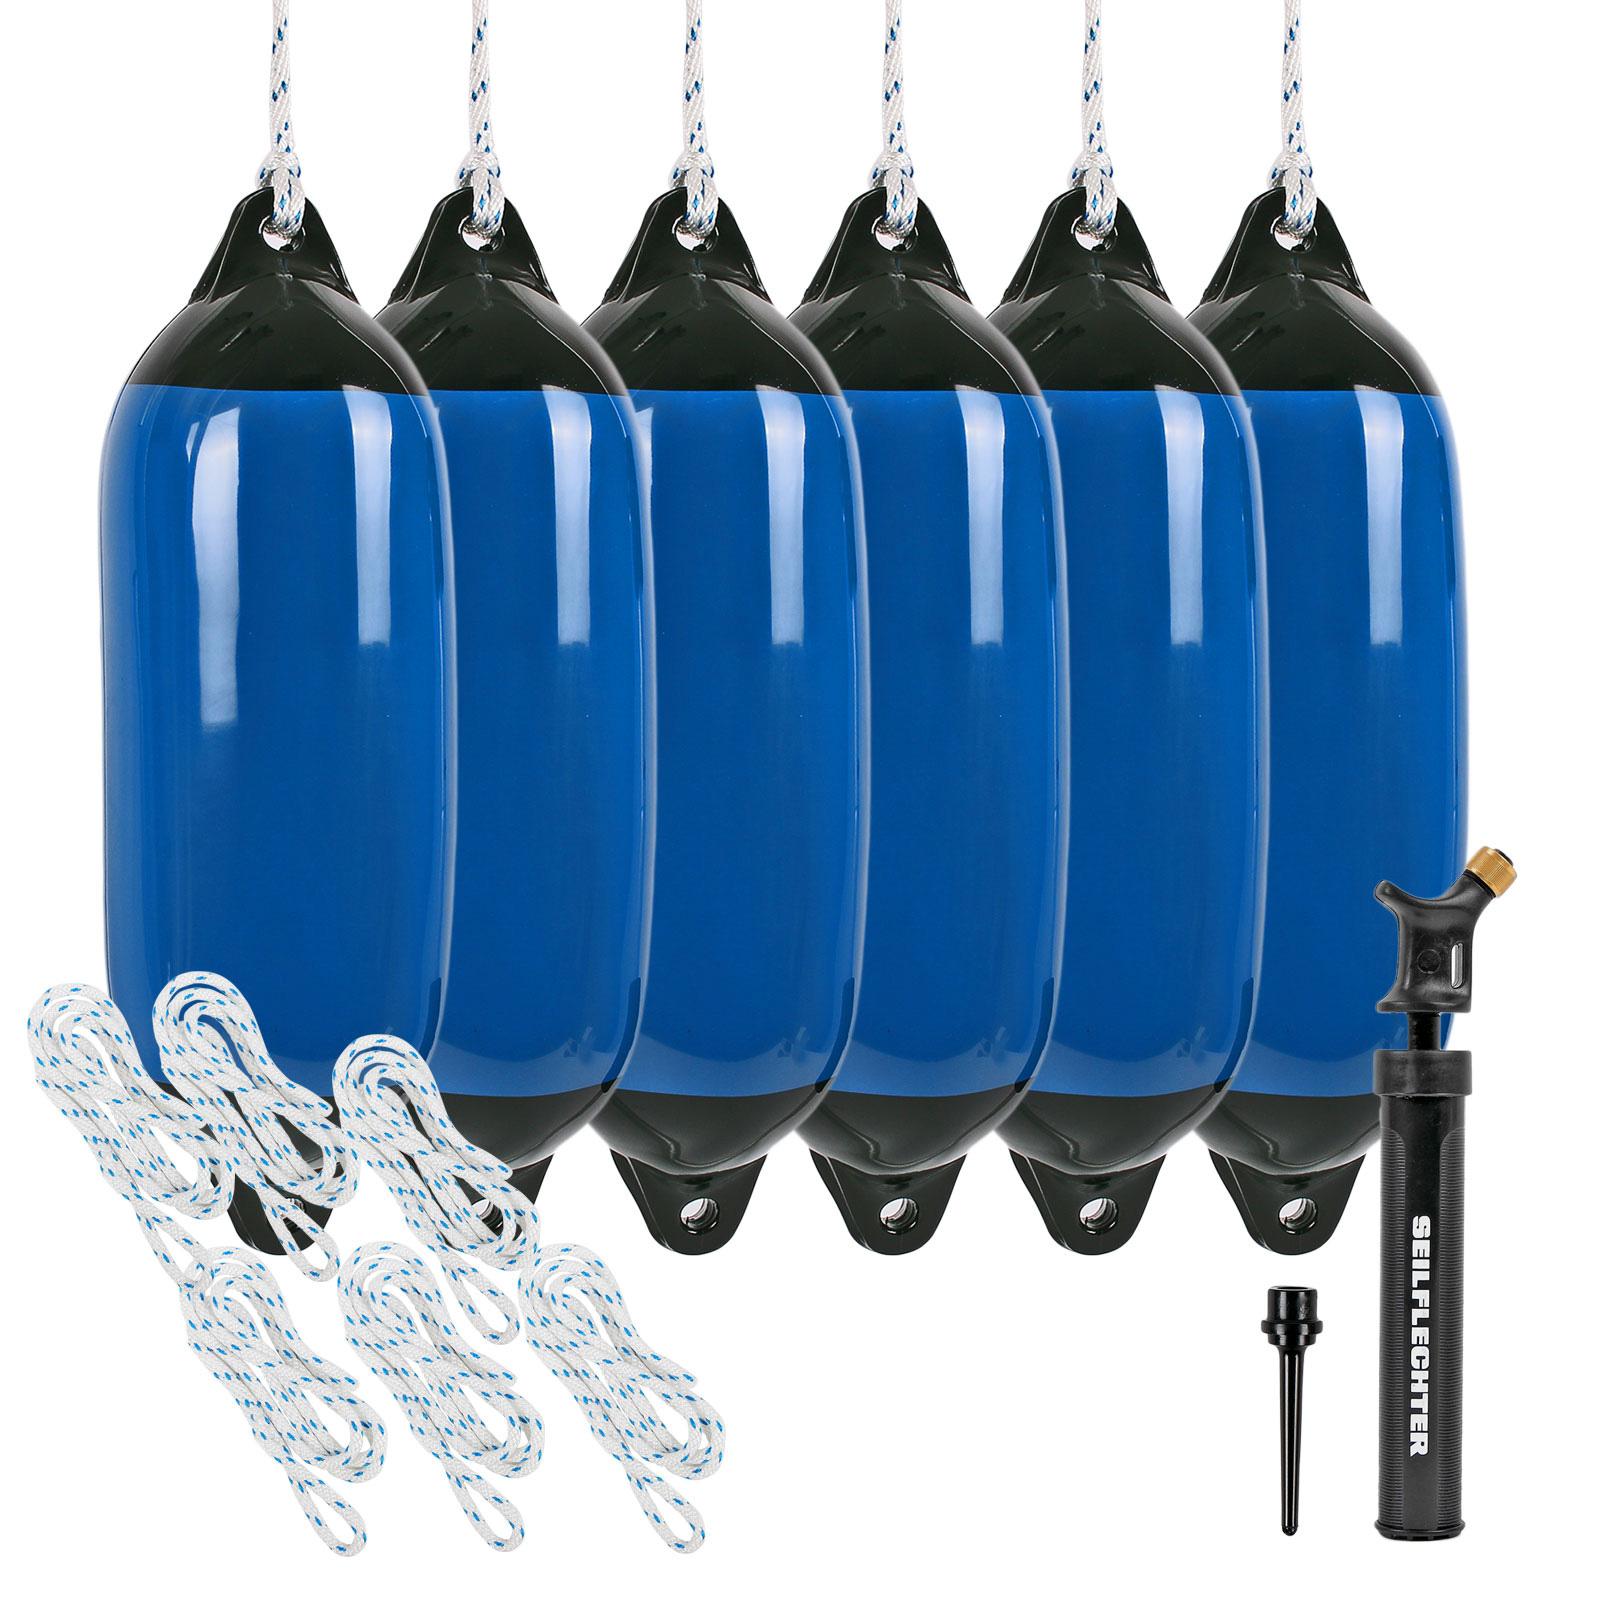 6x Fender blau groß mit Pumpe und 6x Fenderleine